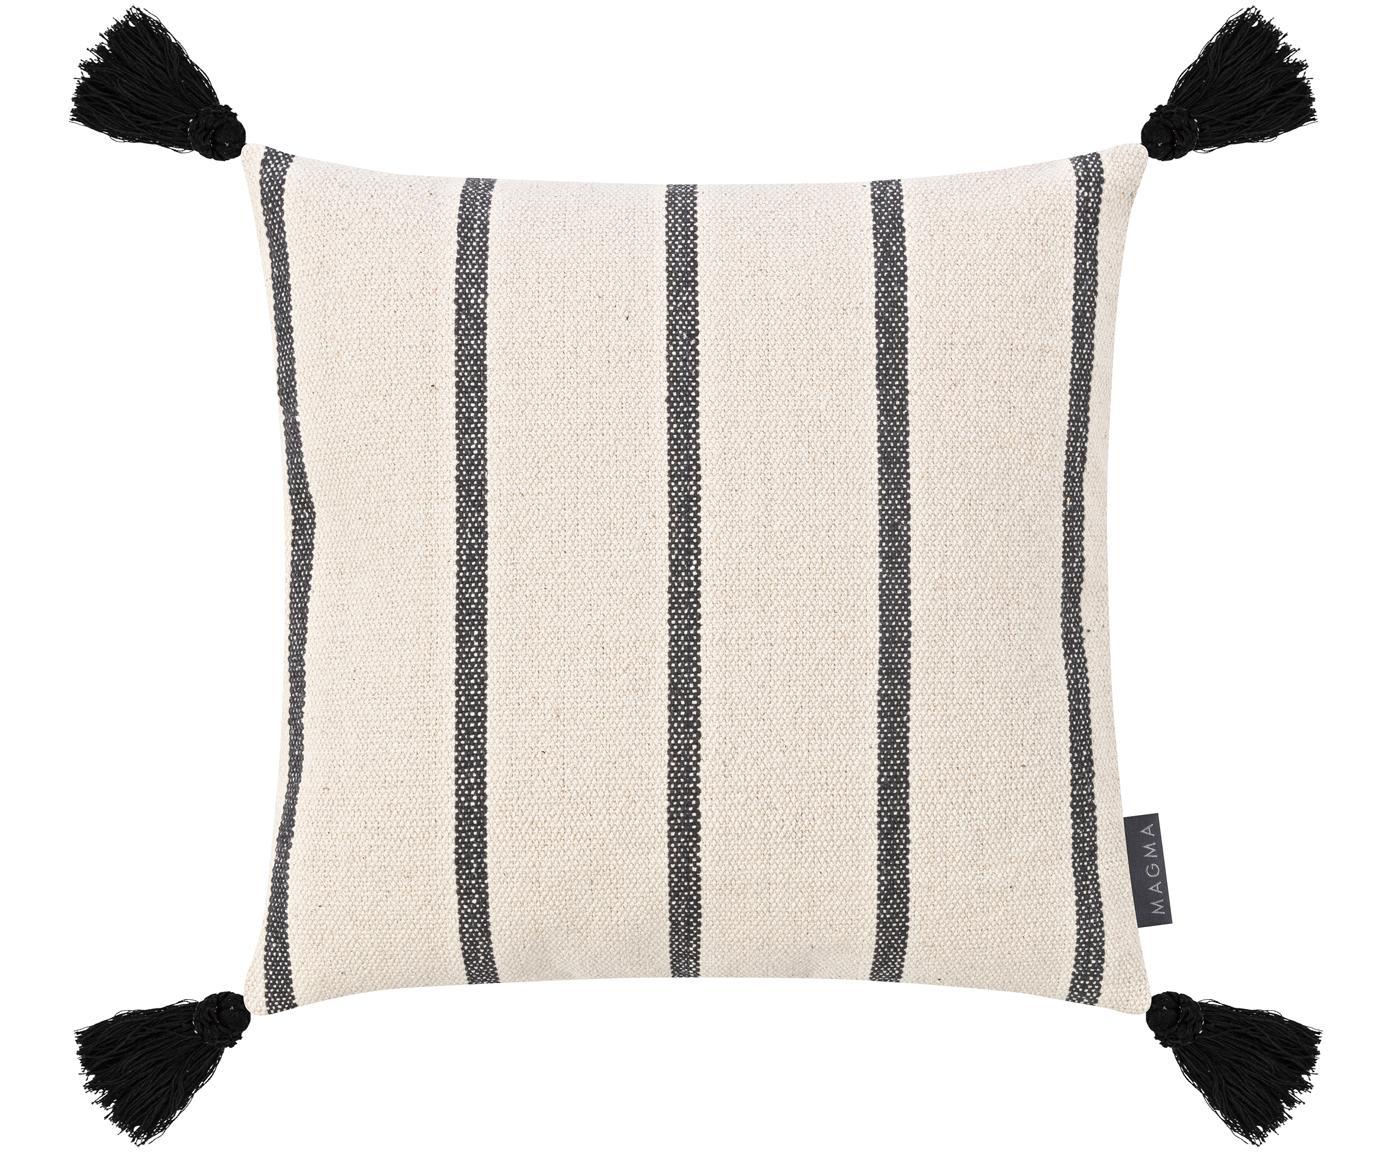 Gestreifte Kissenhülle Oyo mit Quasten, 100% Baumwolle, Schwarz, gebrochenes Weiss, 40 x 40 cm